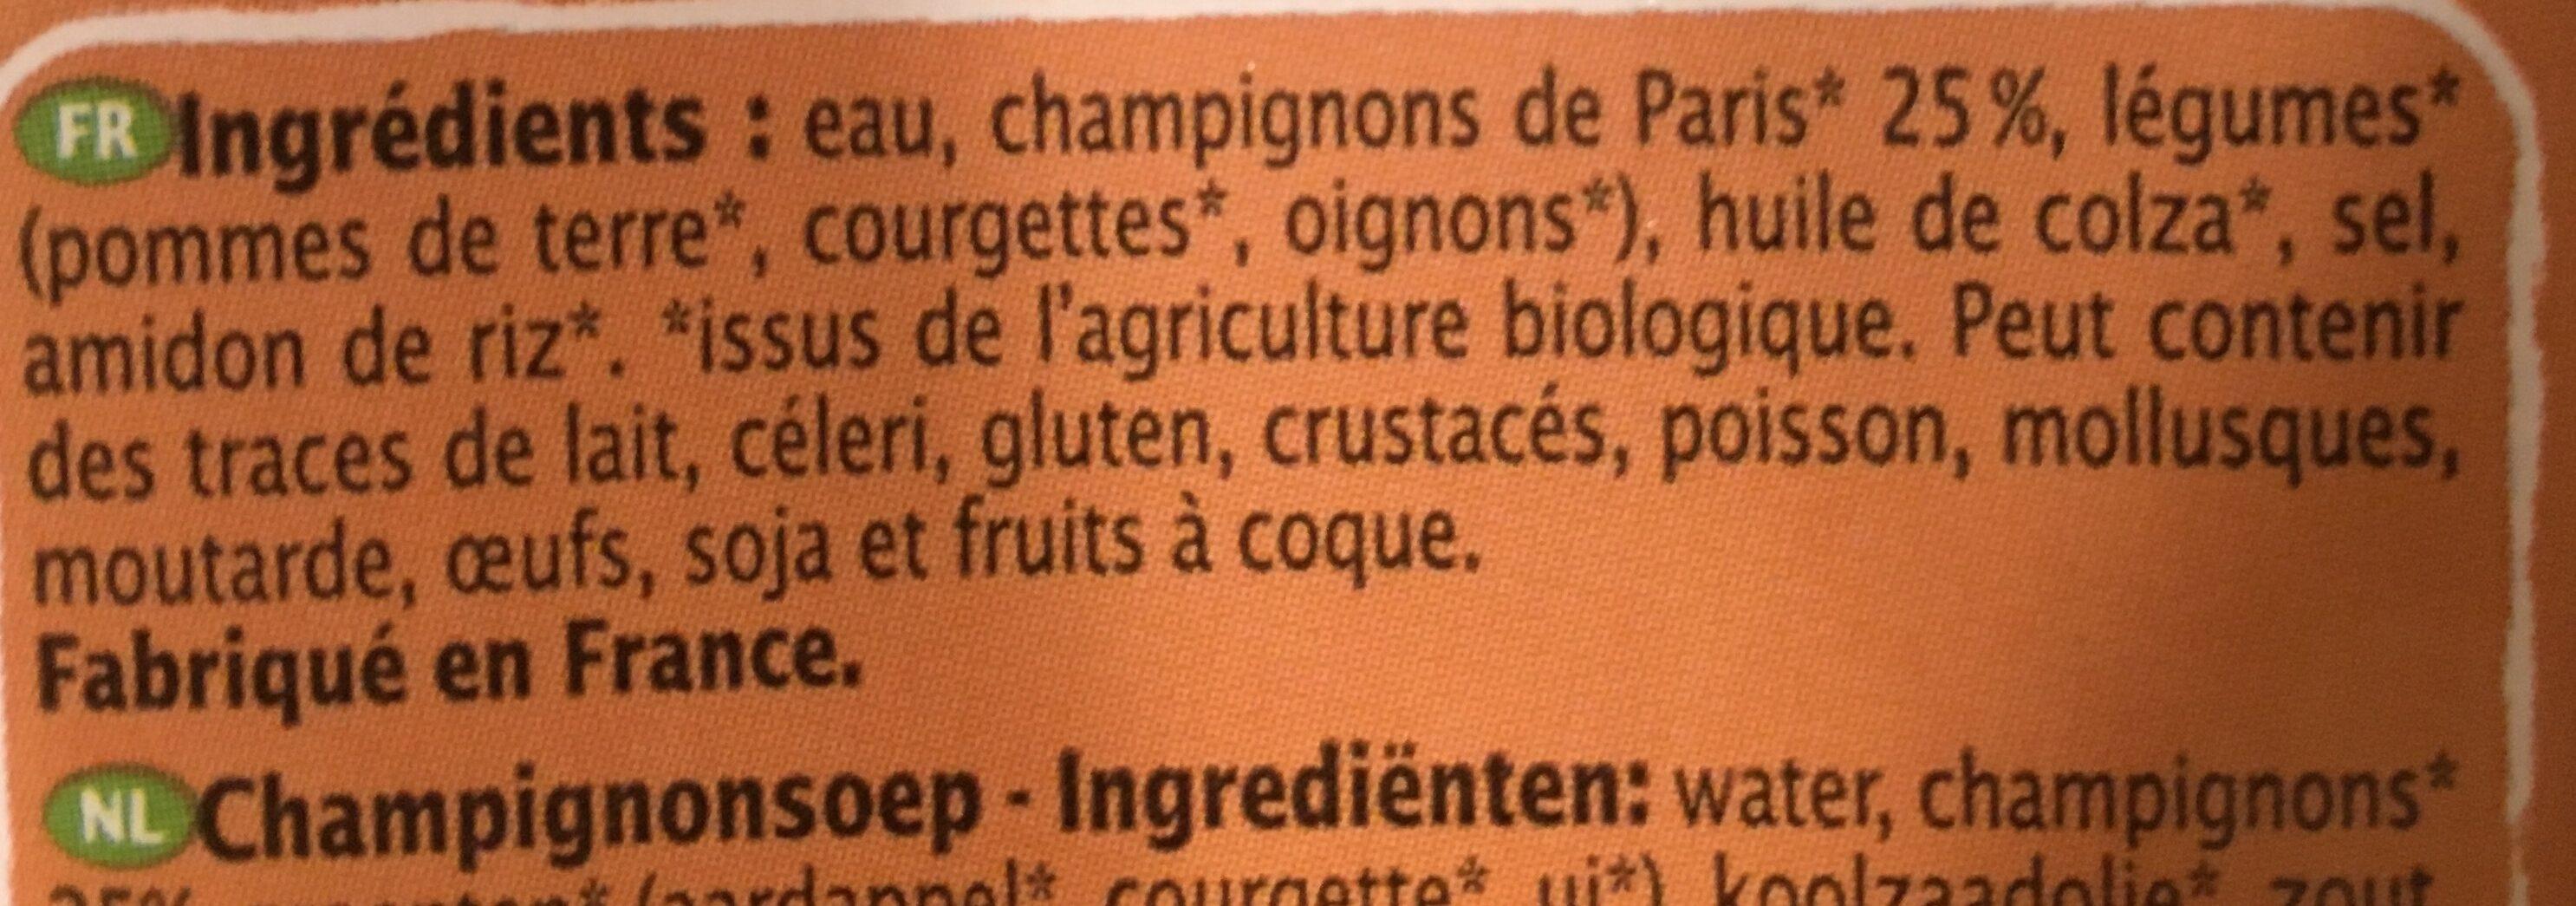 Velouté de champignons - Ingrédients - fr